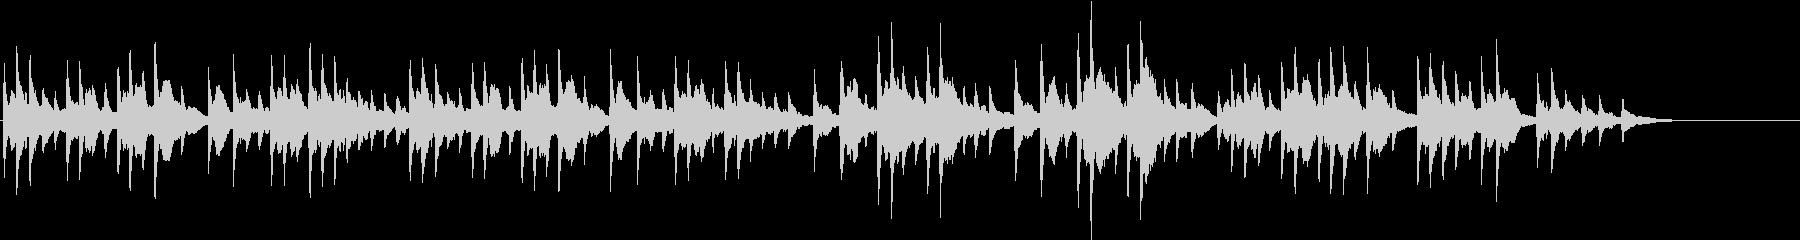 アニーローリー オルゴールの未再生の波形